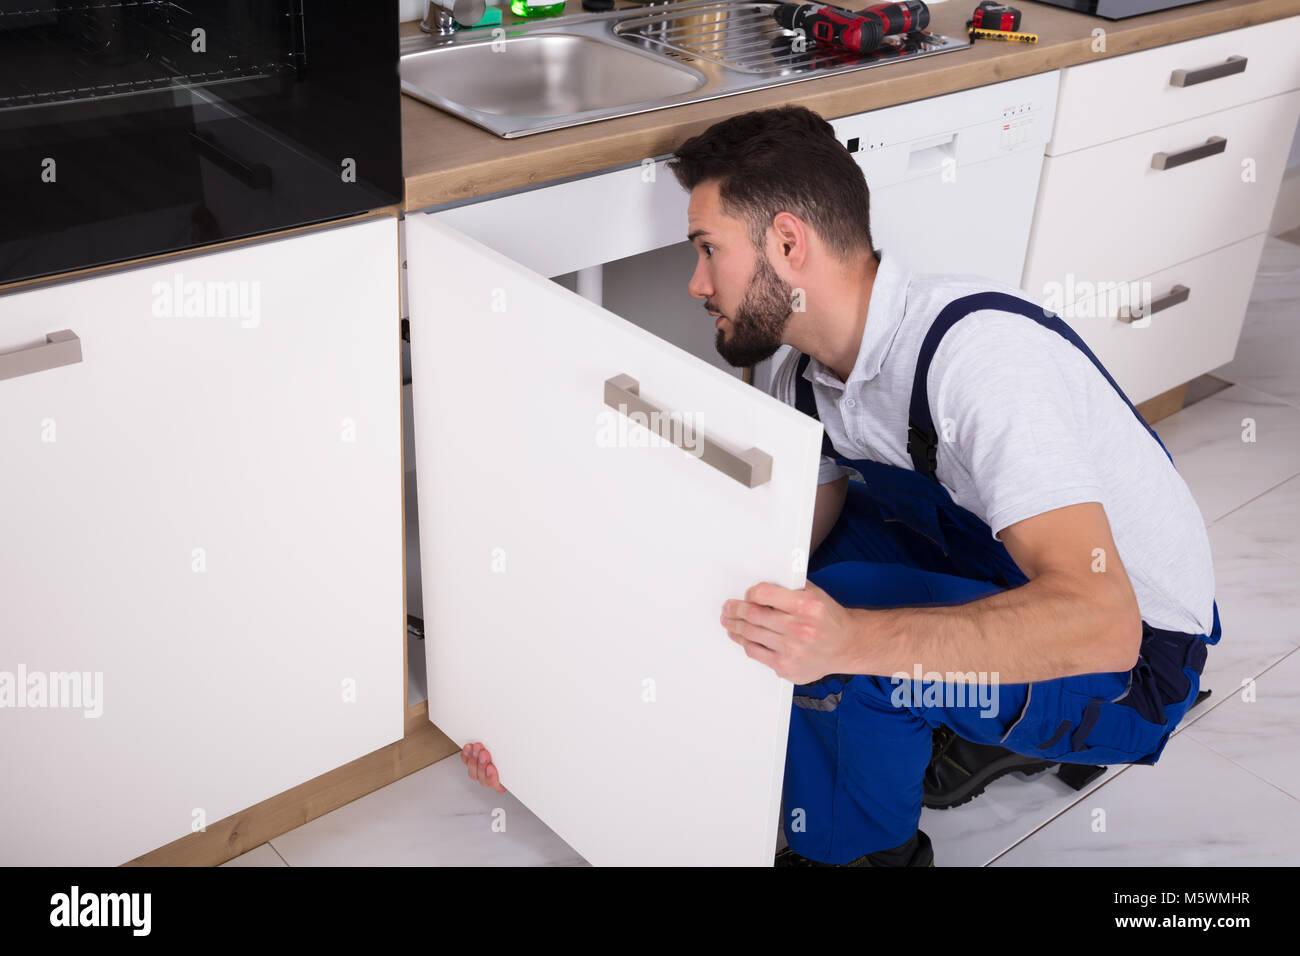 Young Handyman Fixing Sink Door In Kitchen  sc 1 st  Alamy & Young Handyman Fixing Sink Door In Kitchen Stock Photo: 175741939 ...